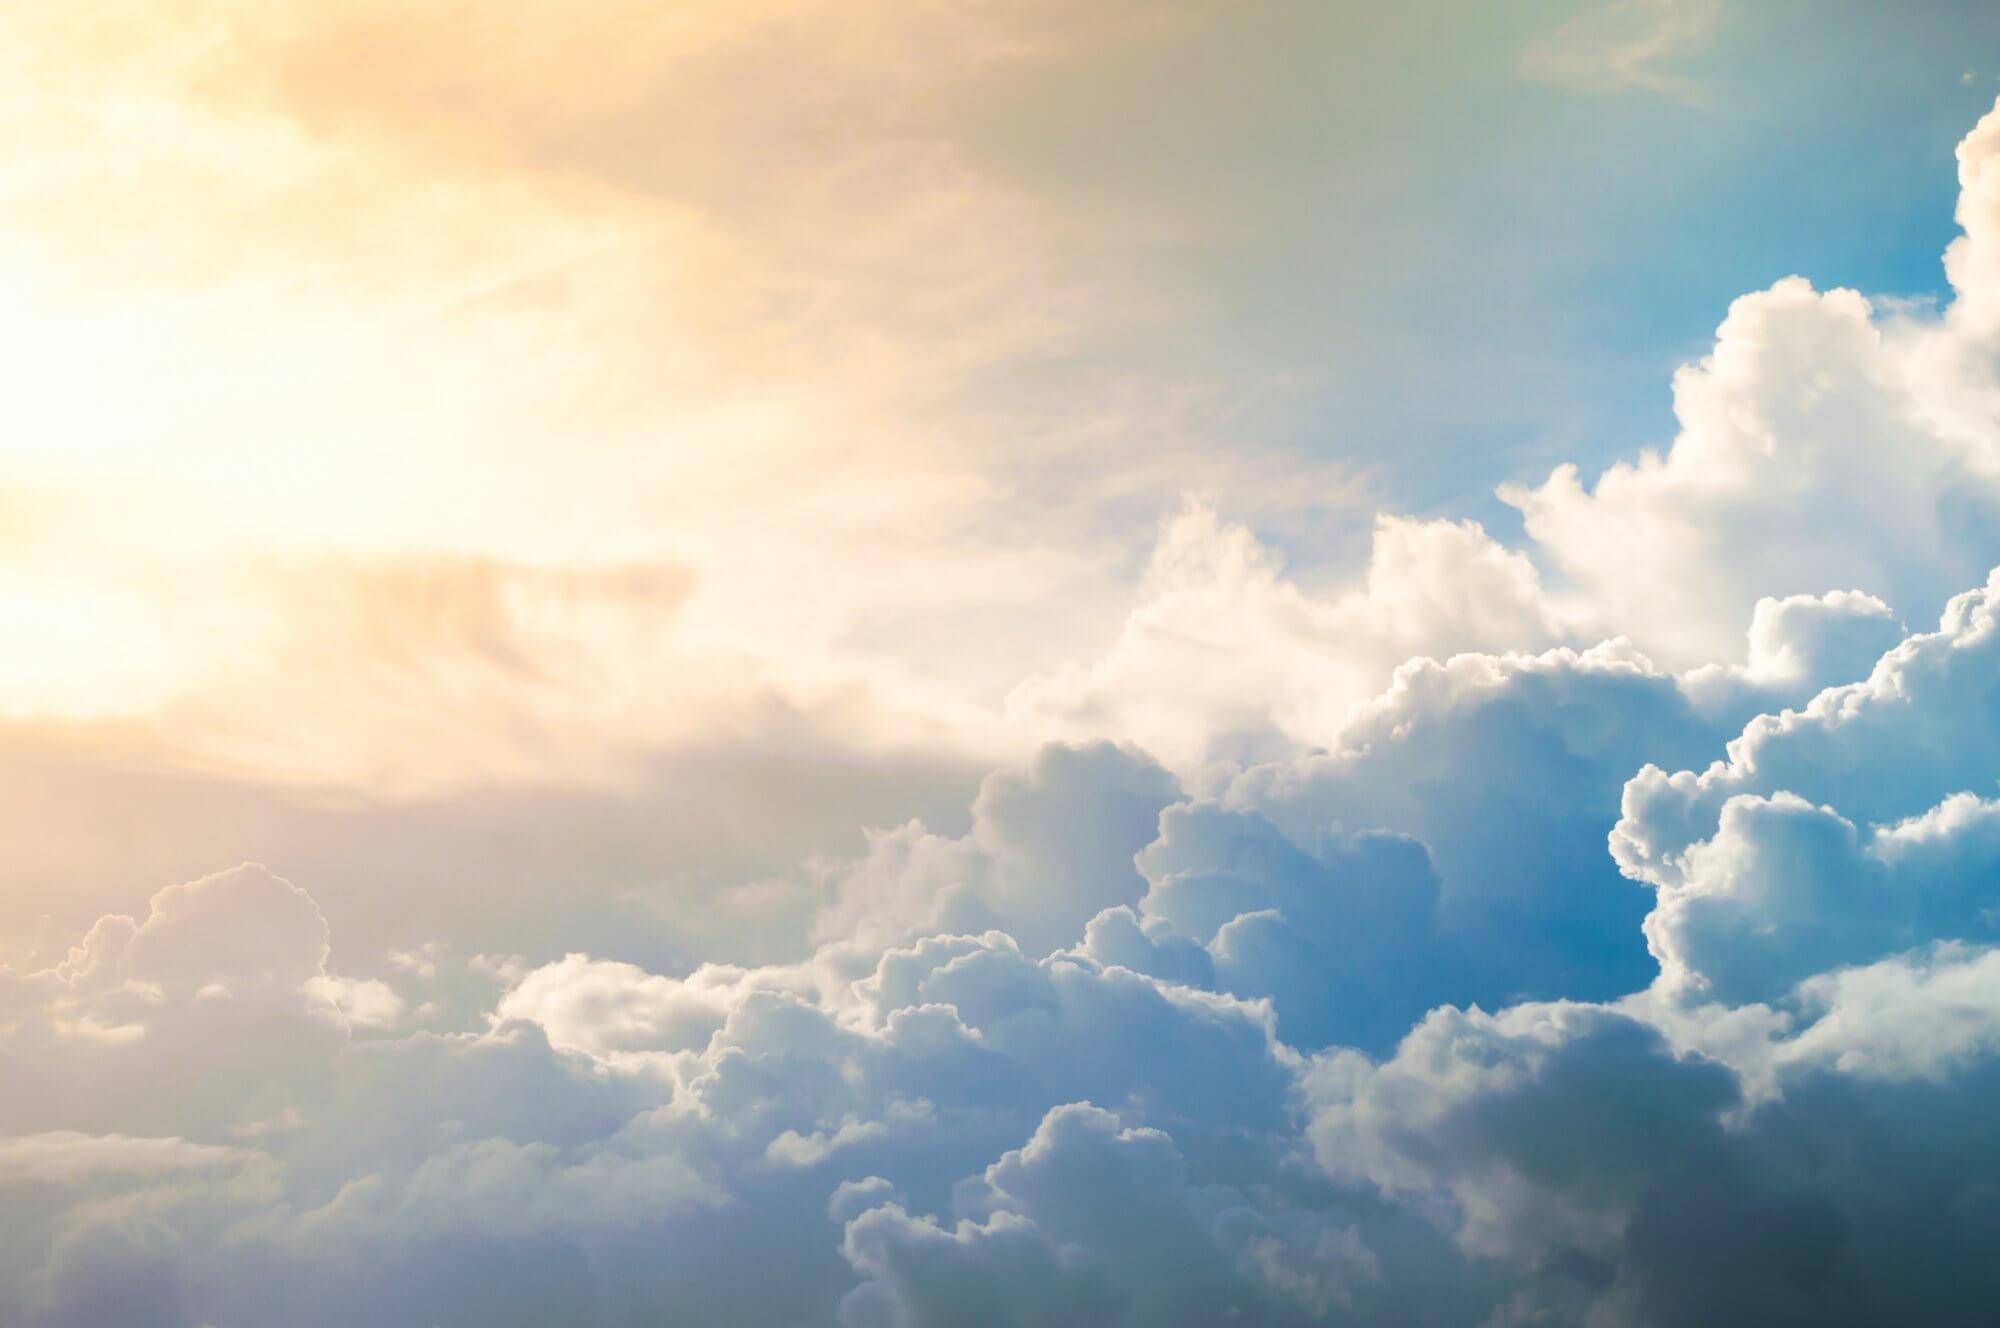 Hình ảnh mây rực rỡ mặt trời